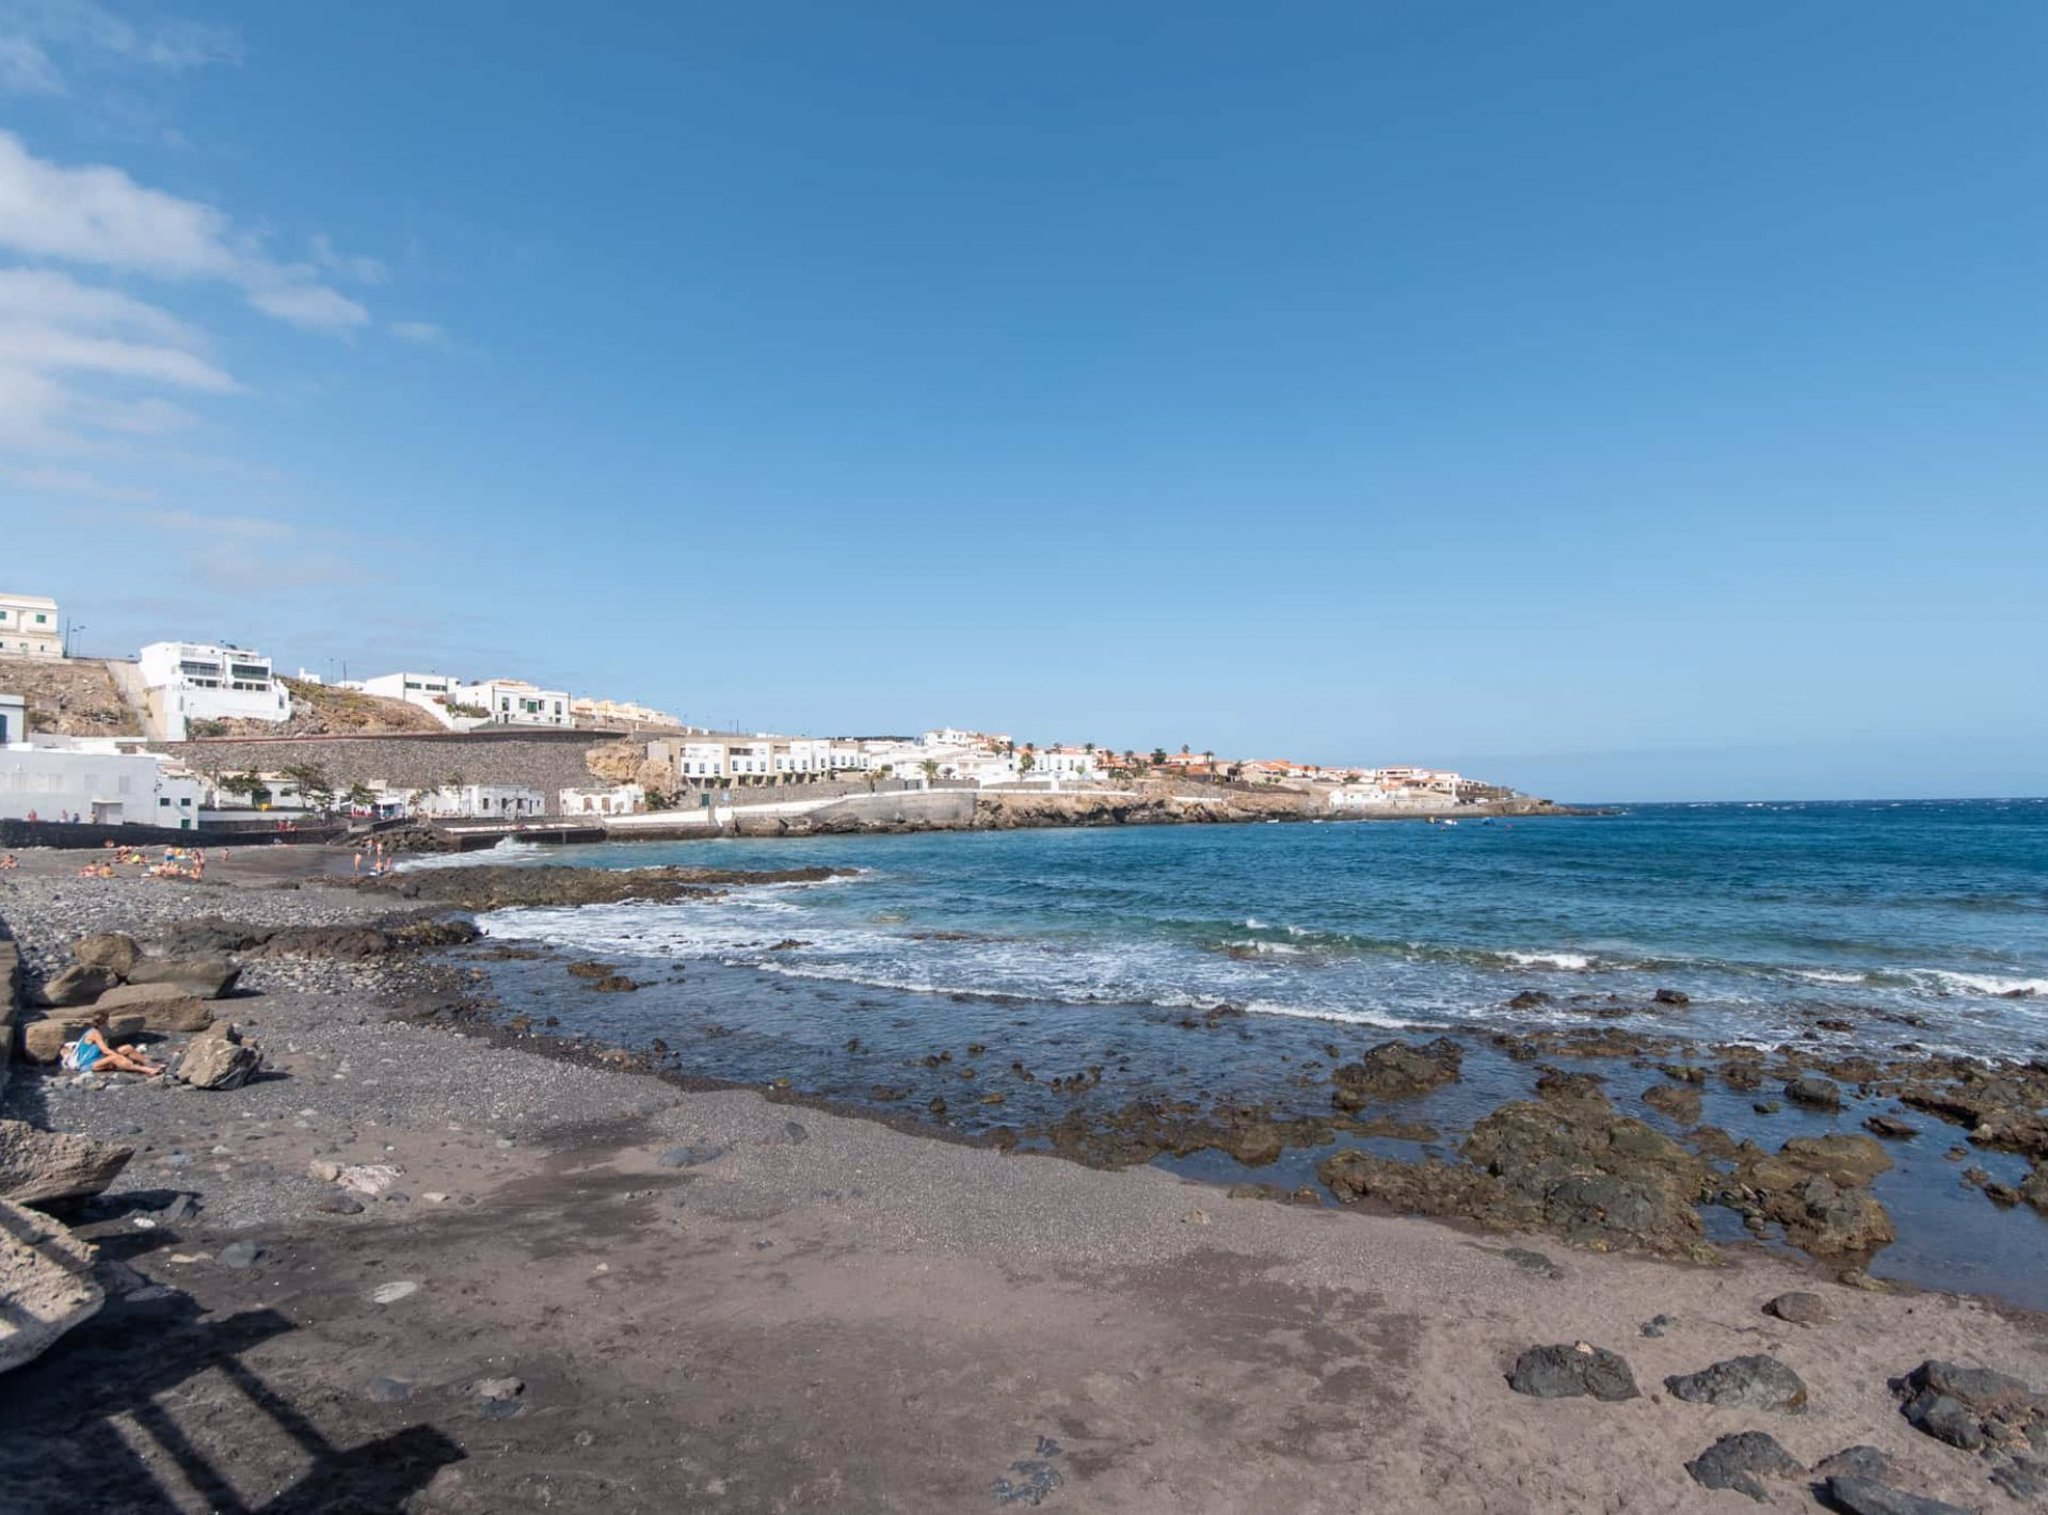 Ferienhaus direkt am Meer mit eigenem Pool (1671160), Poris de Abona, Teneriffa, Kanarische Inseln, Spanien, Bild 23